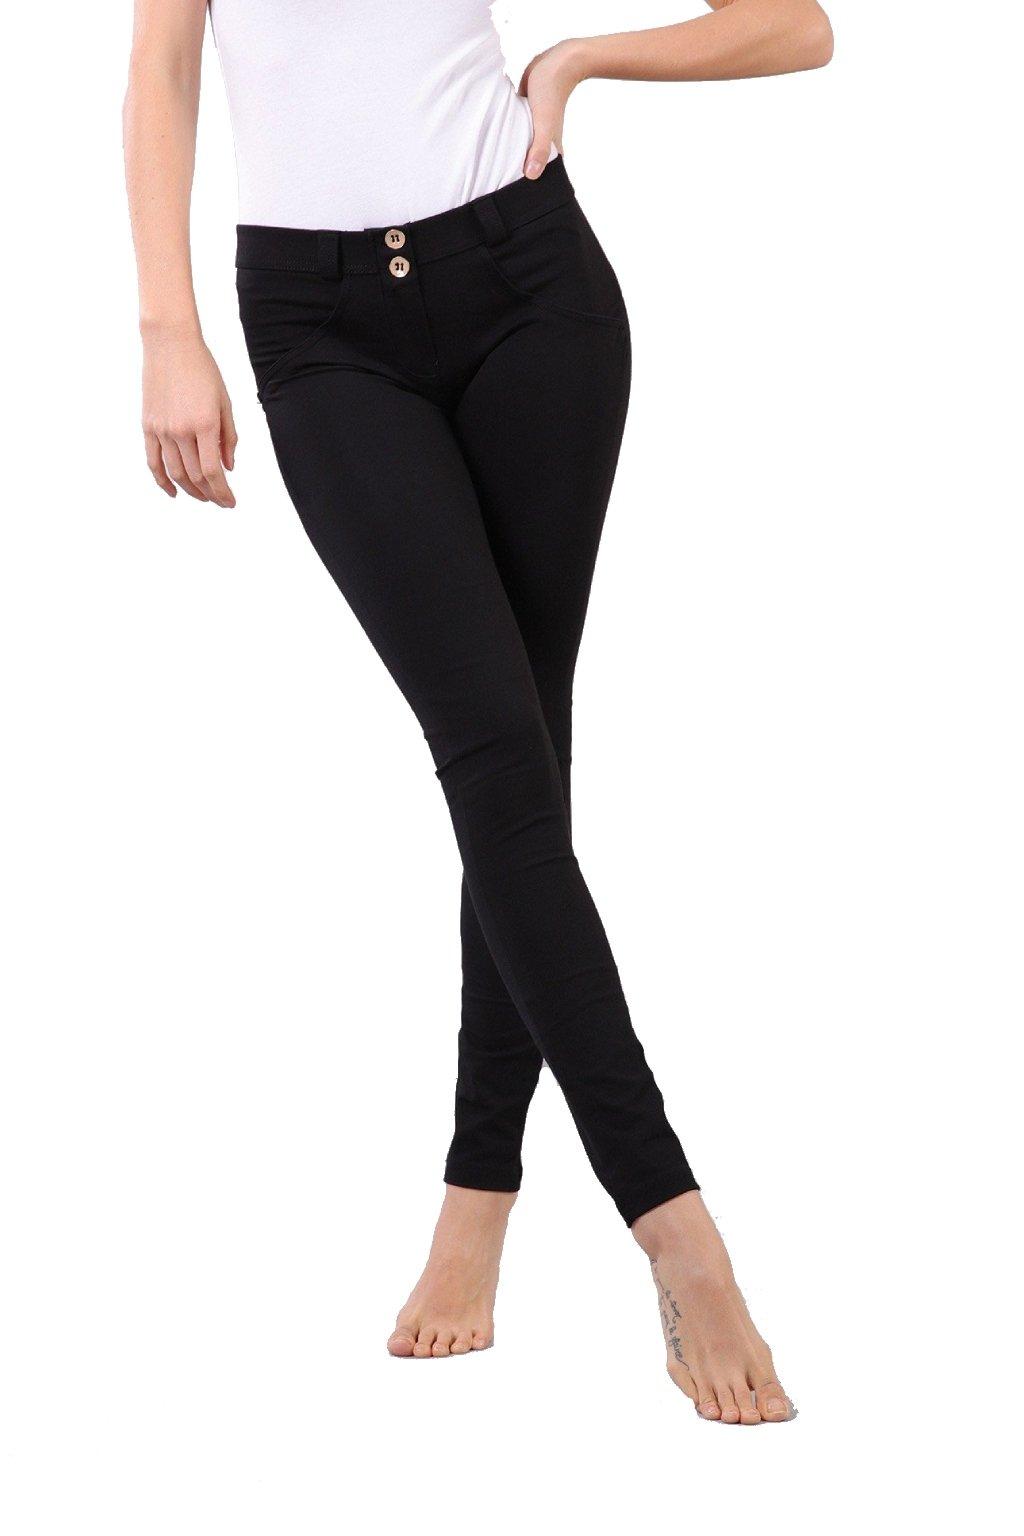 Cerne skinny leginy kalhoty freddy normalni pas (3)